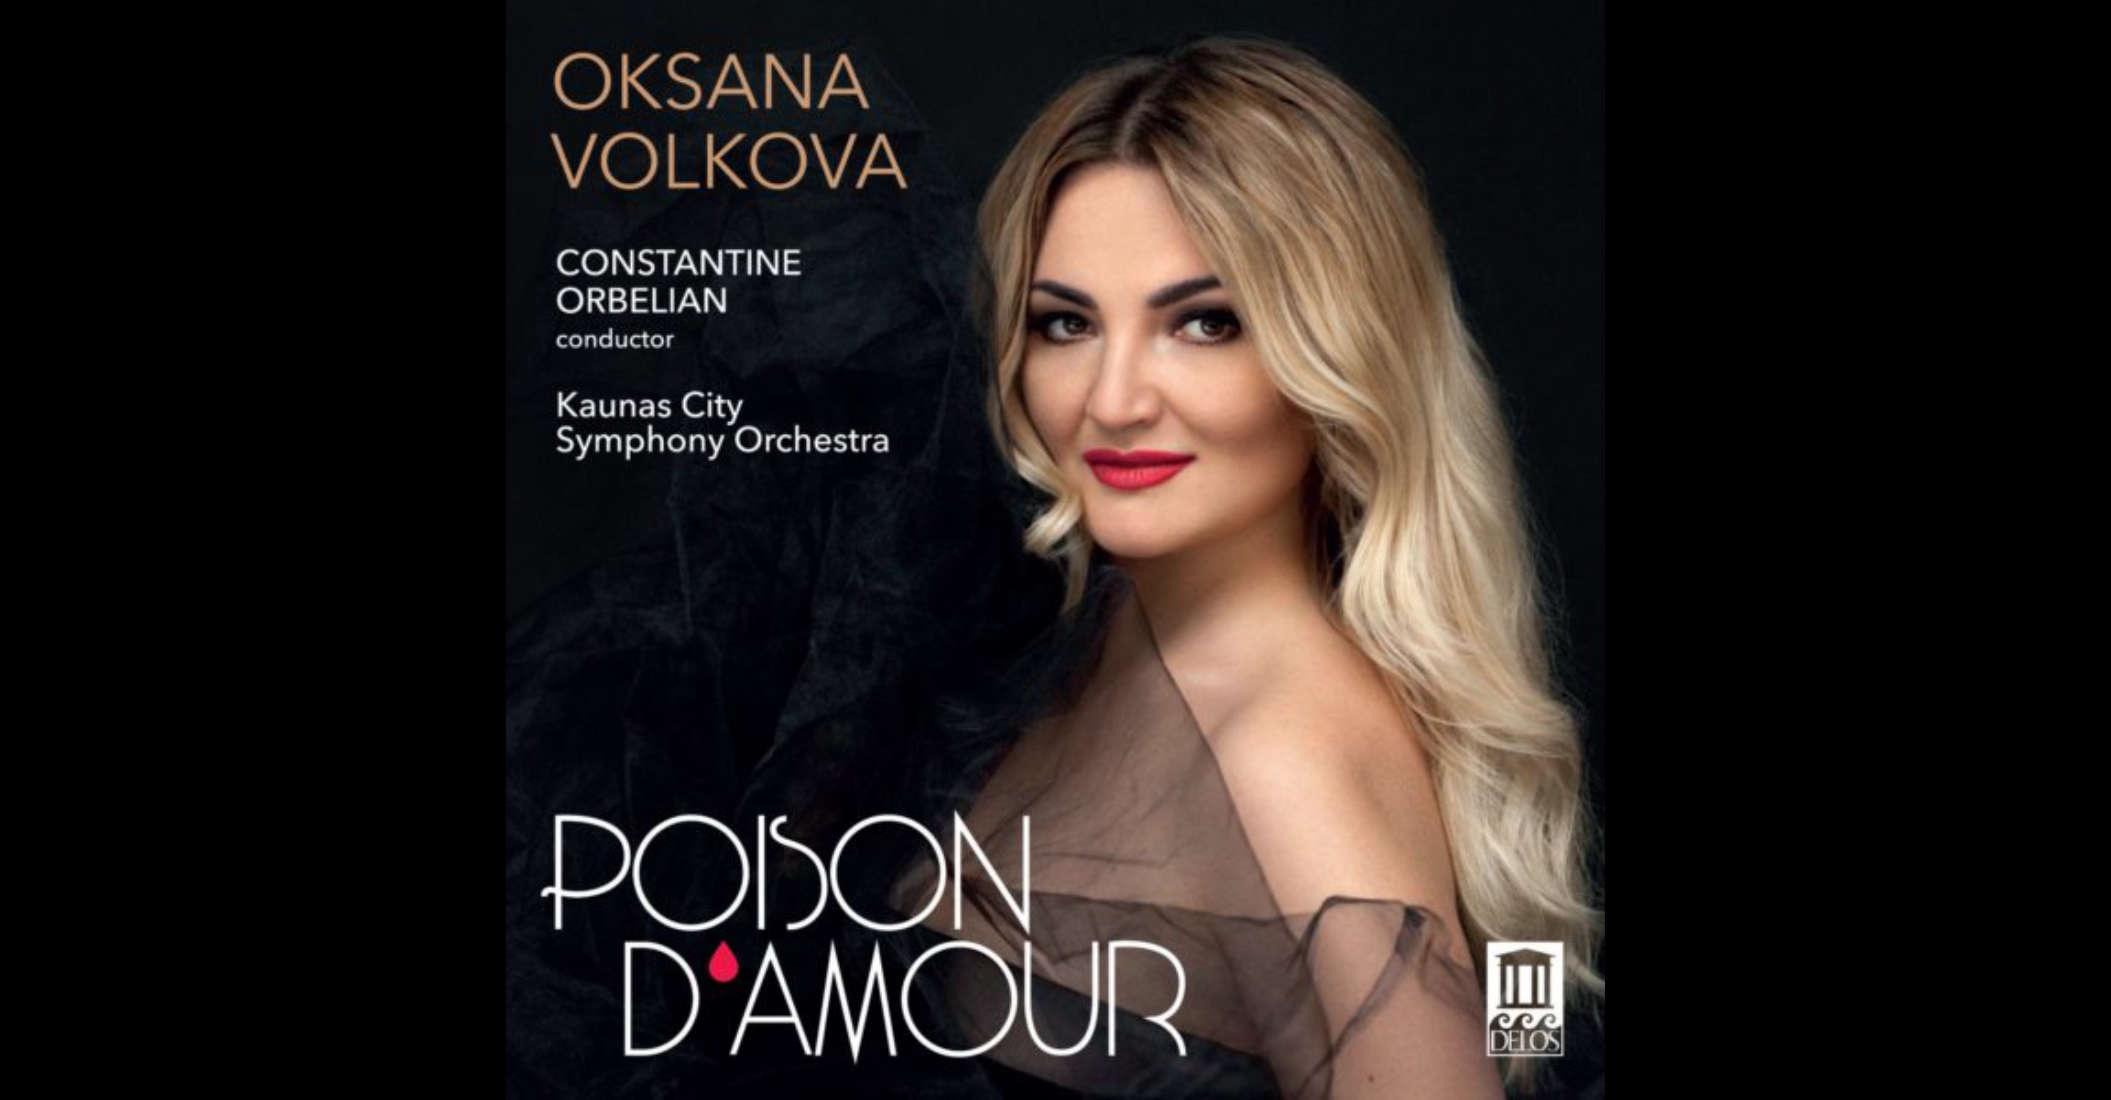 <p>Poison D'Amour - Oksana Volkova presents her solo album</p>